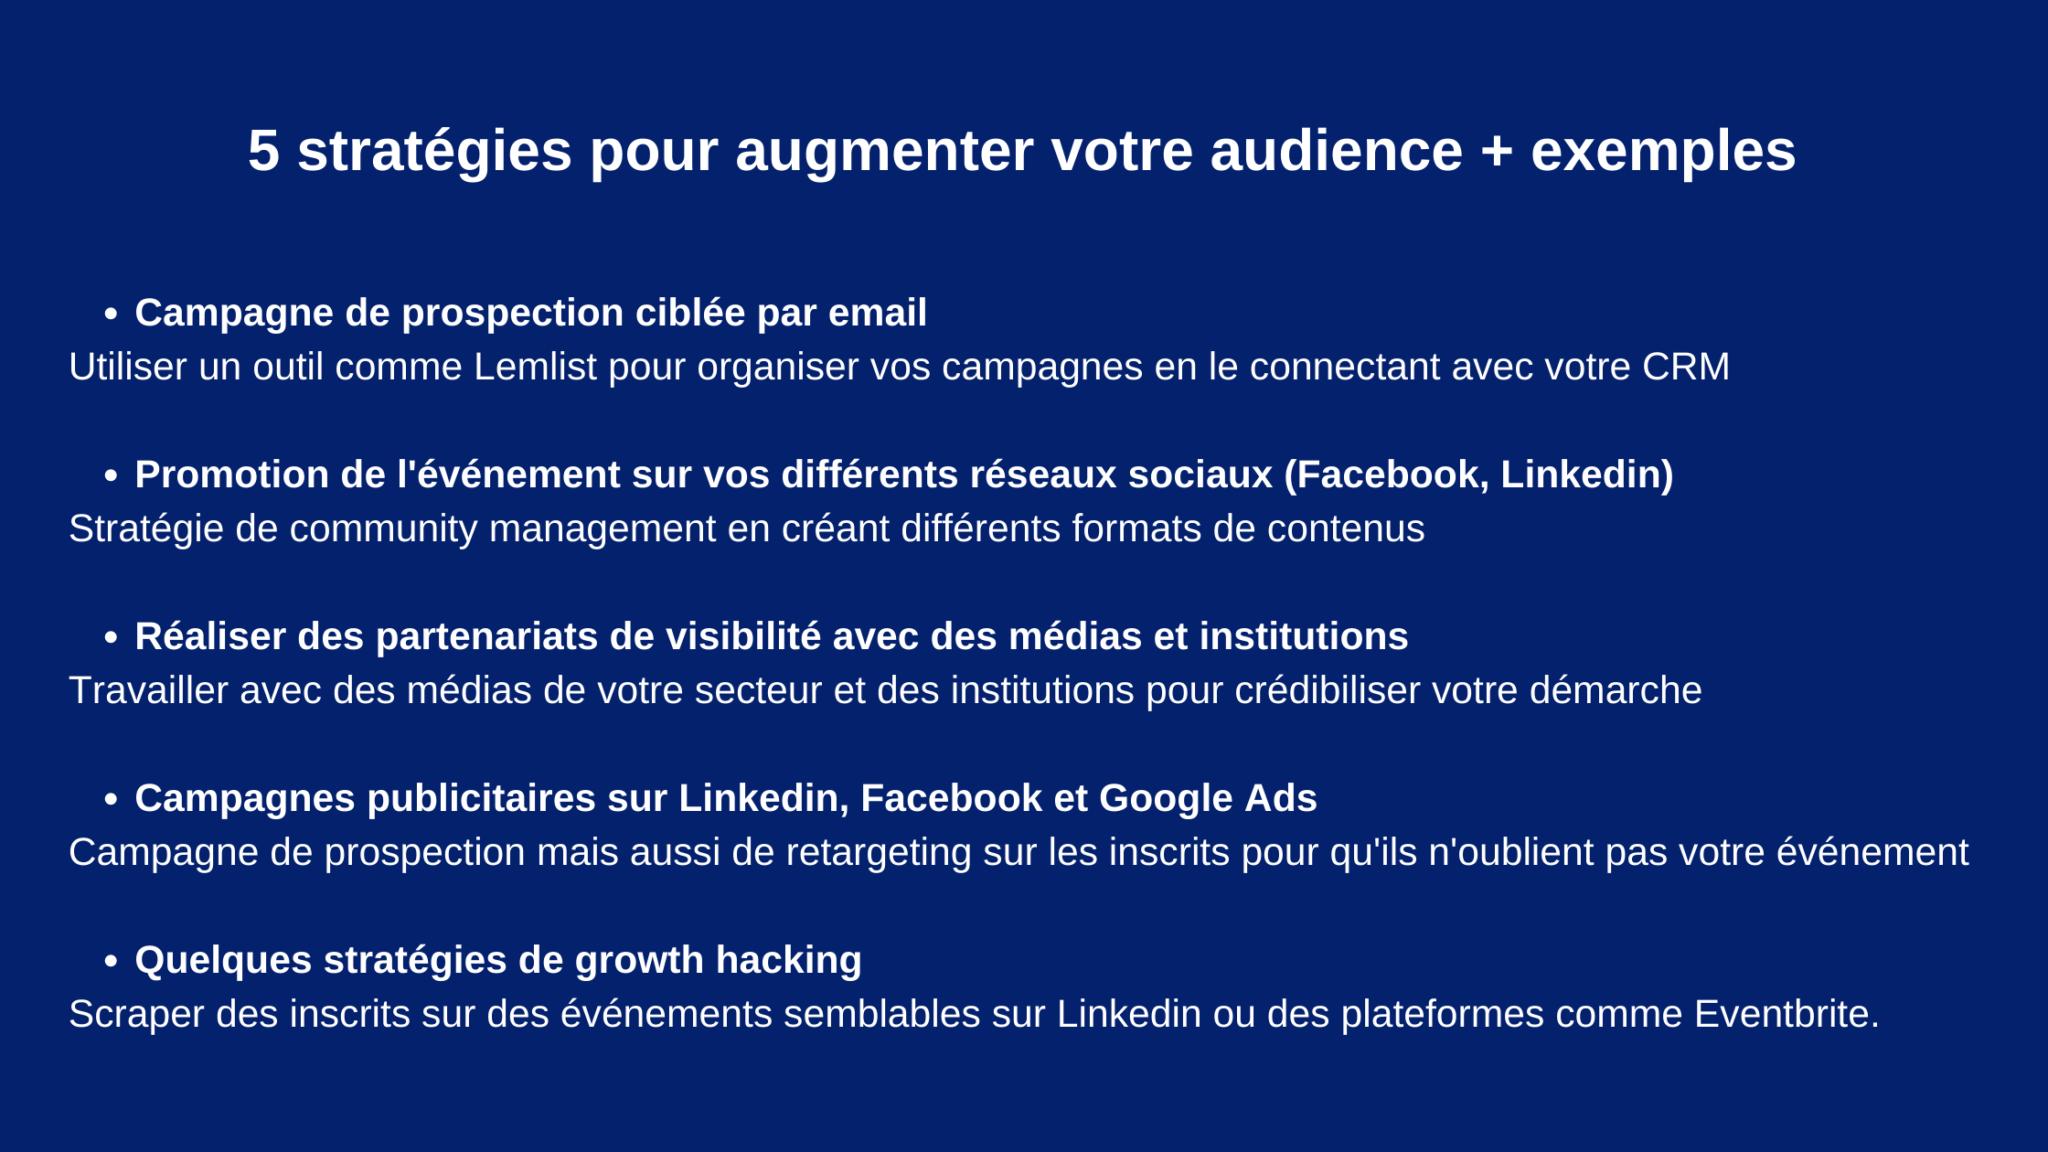 5 stratégies pour augmenter votre audience + exemples